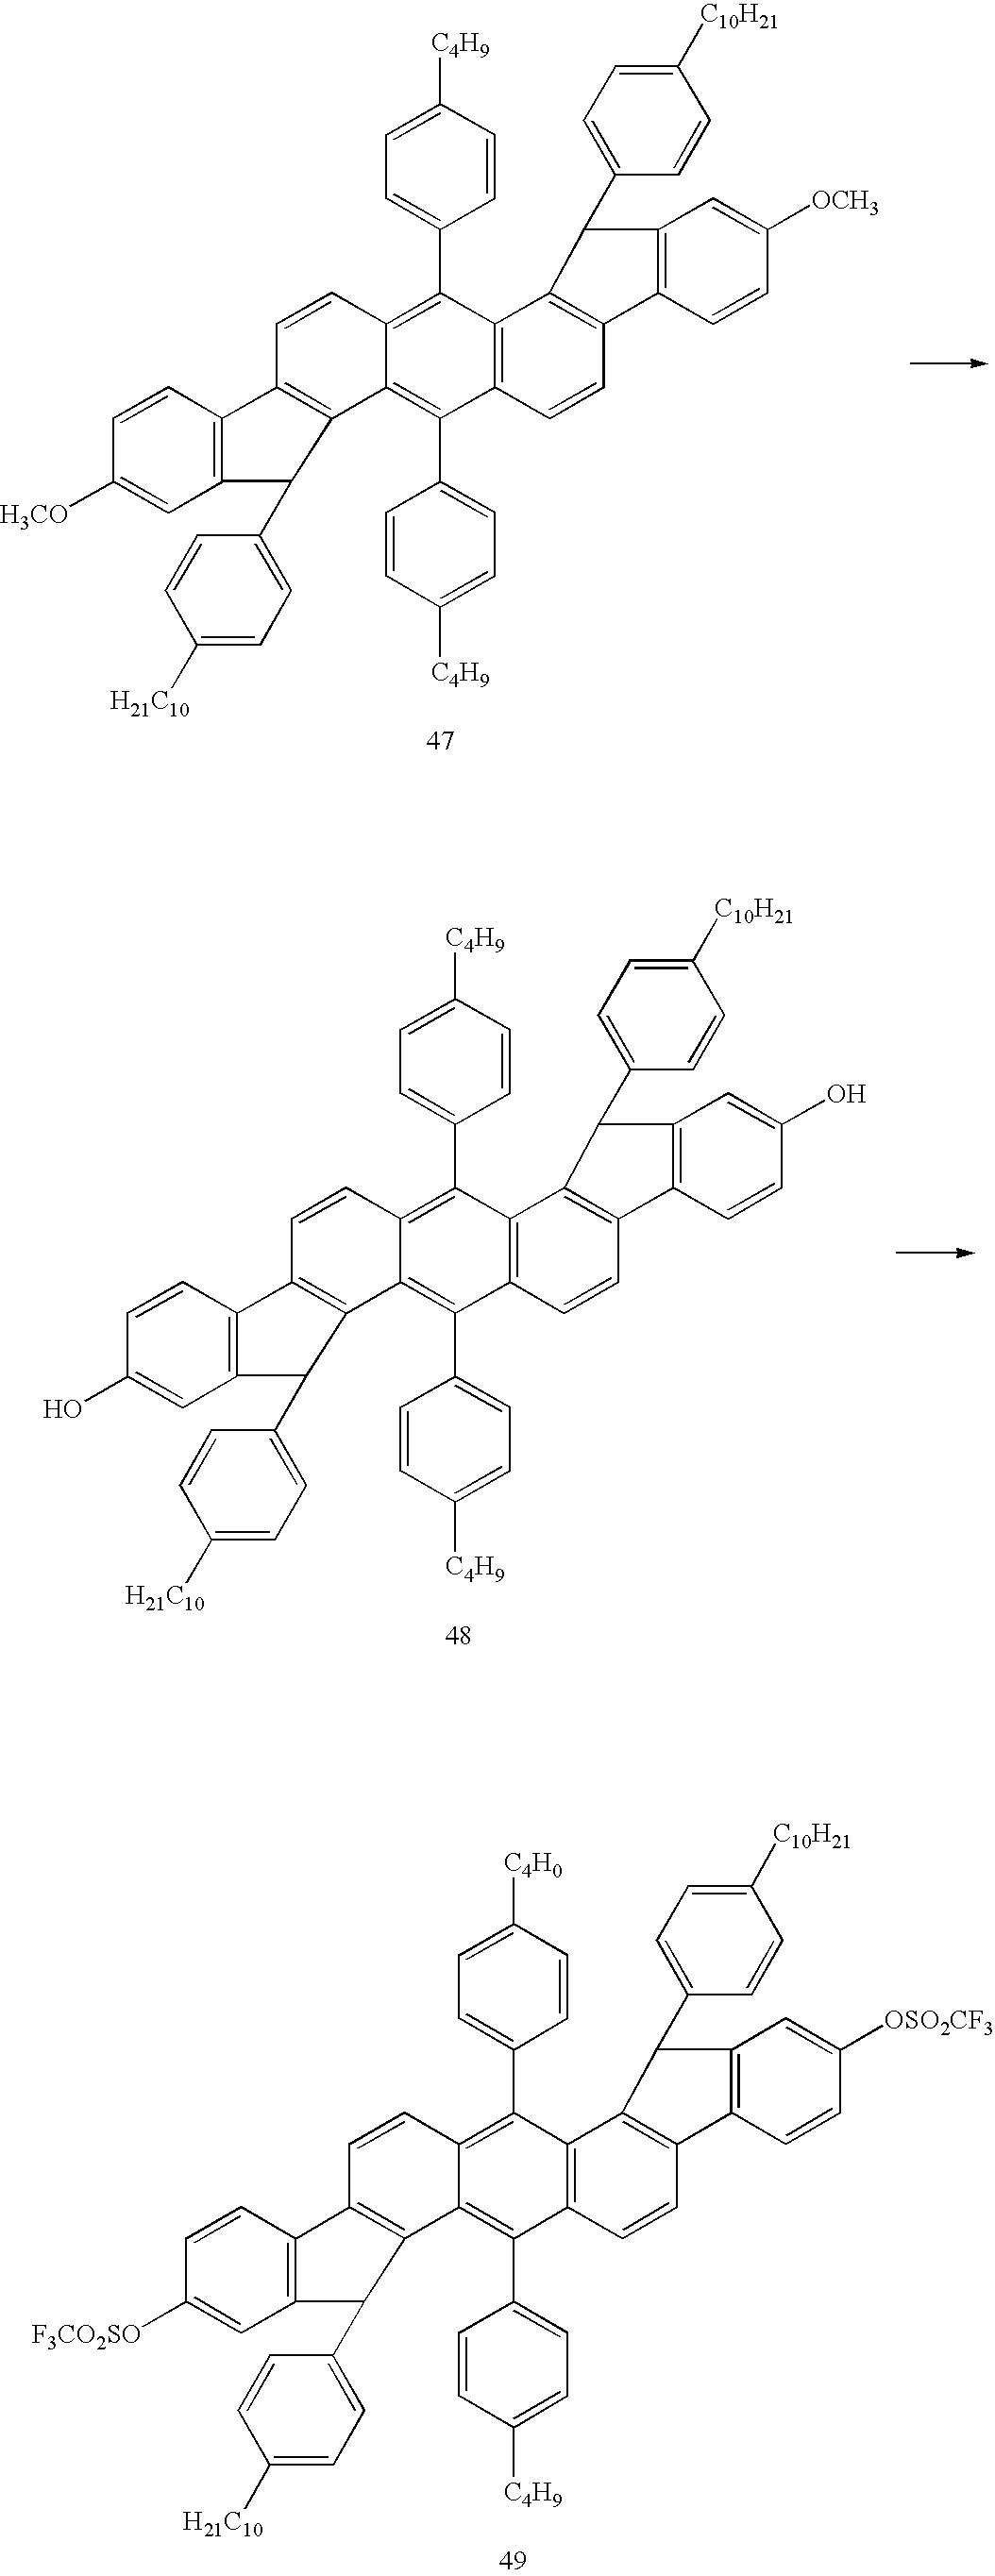 Figure US06849348-20050201-C00131